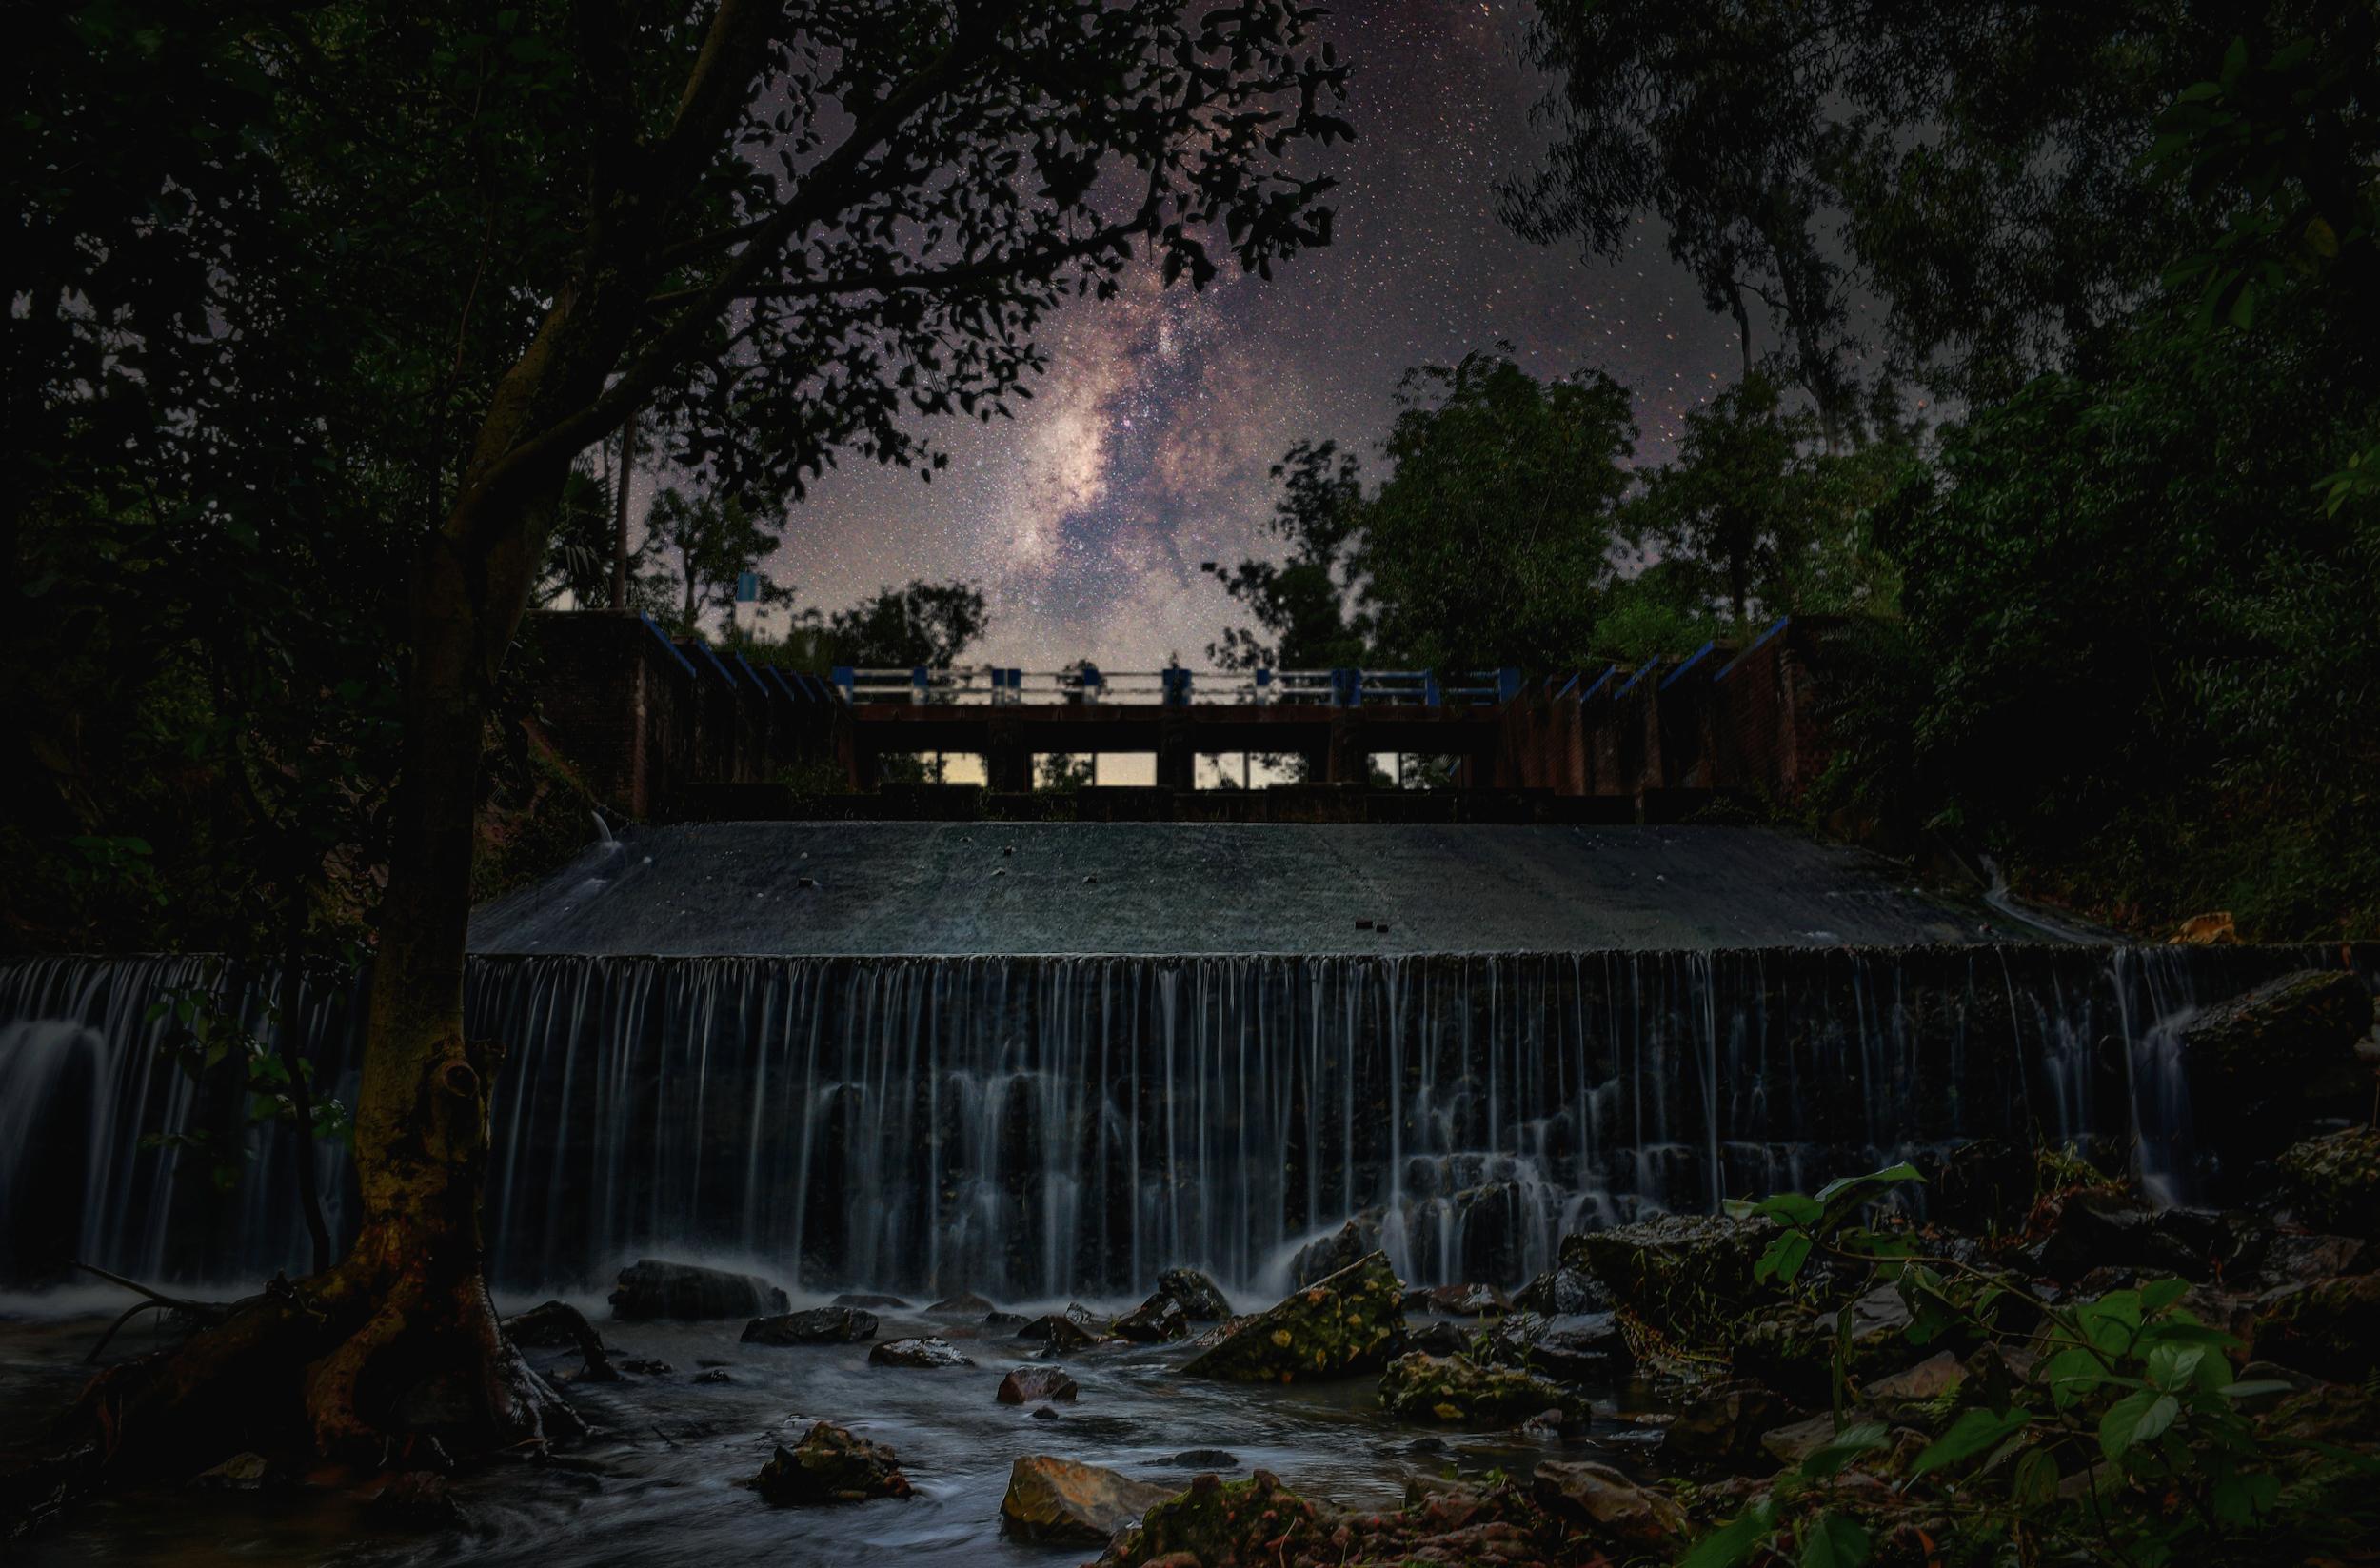 Night view of waterfall